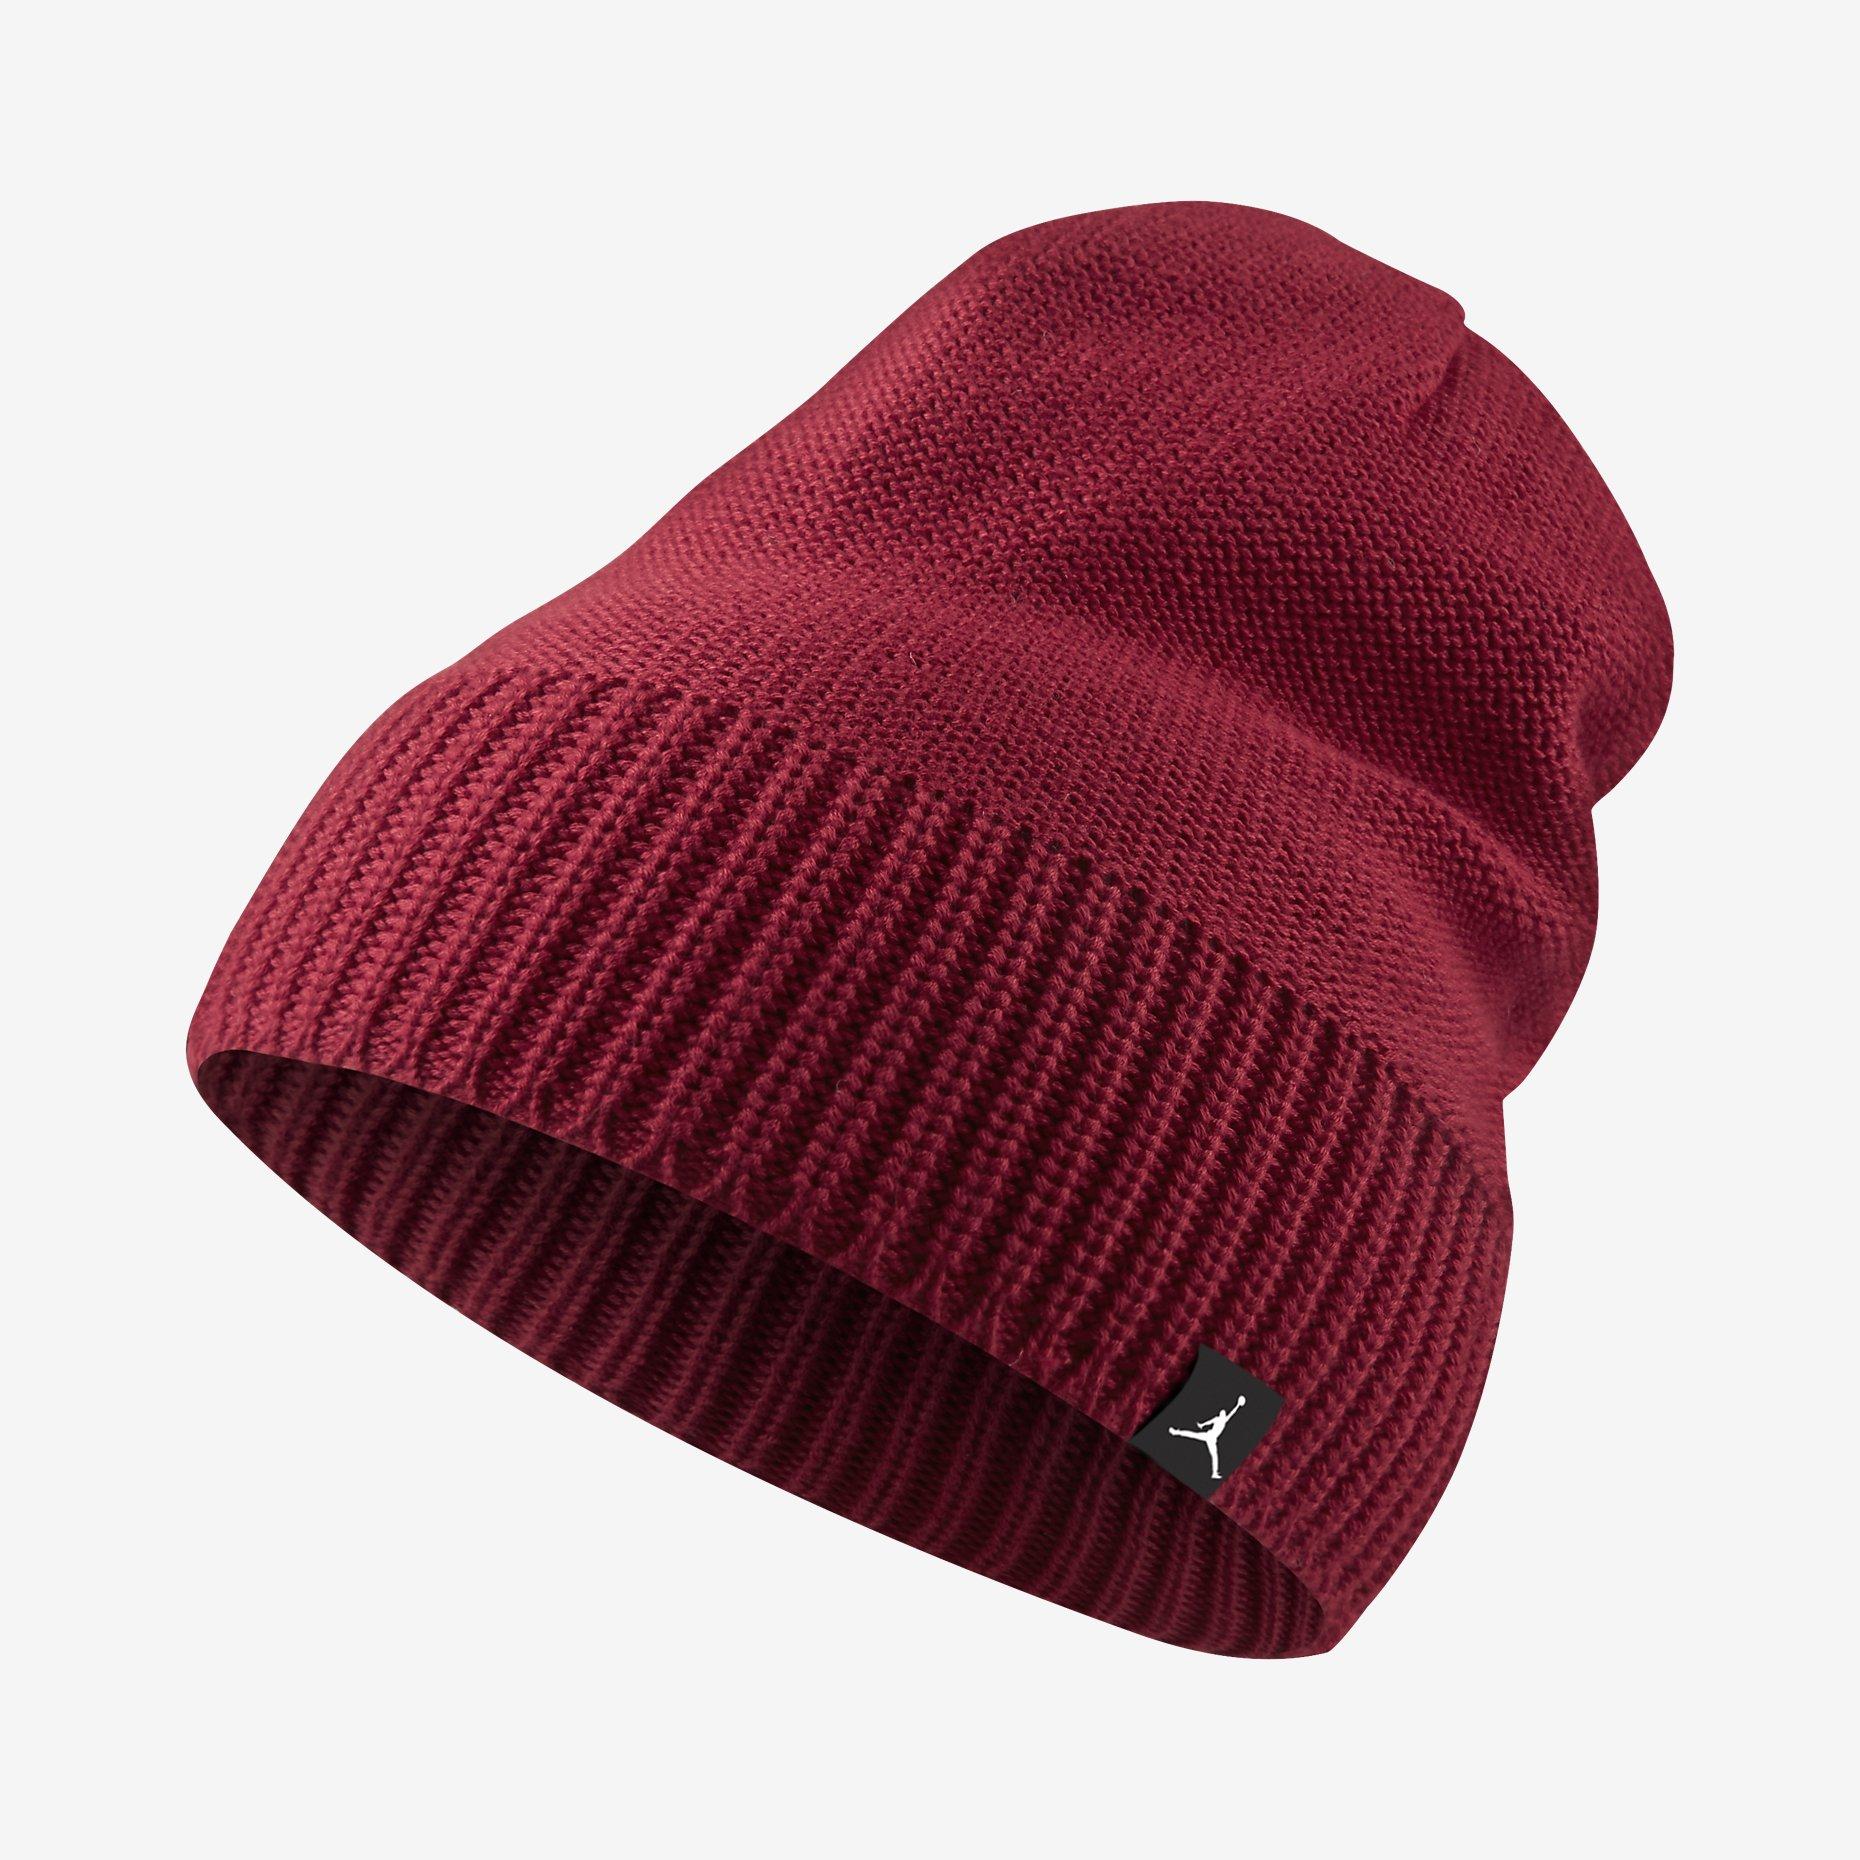 754ccec17c8 Jordan Jumpman Beanie Knit Hat (rojo) - manelsanchez.com